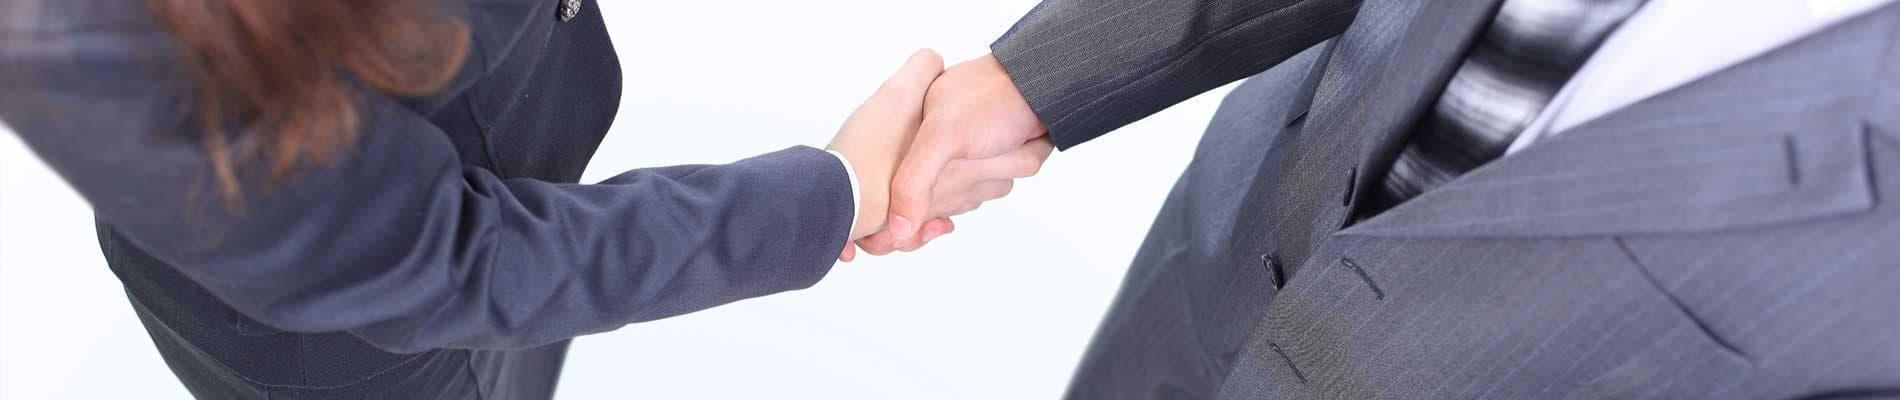 Relacions públiques i protocol